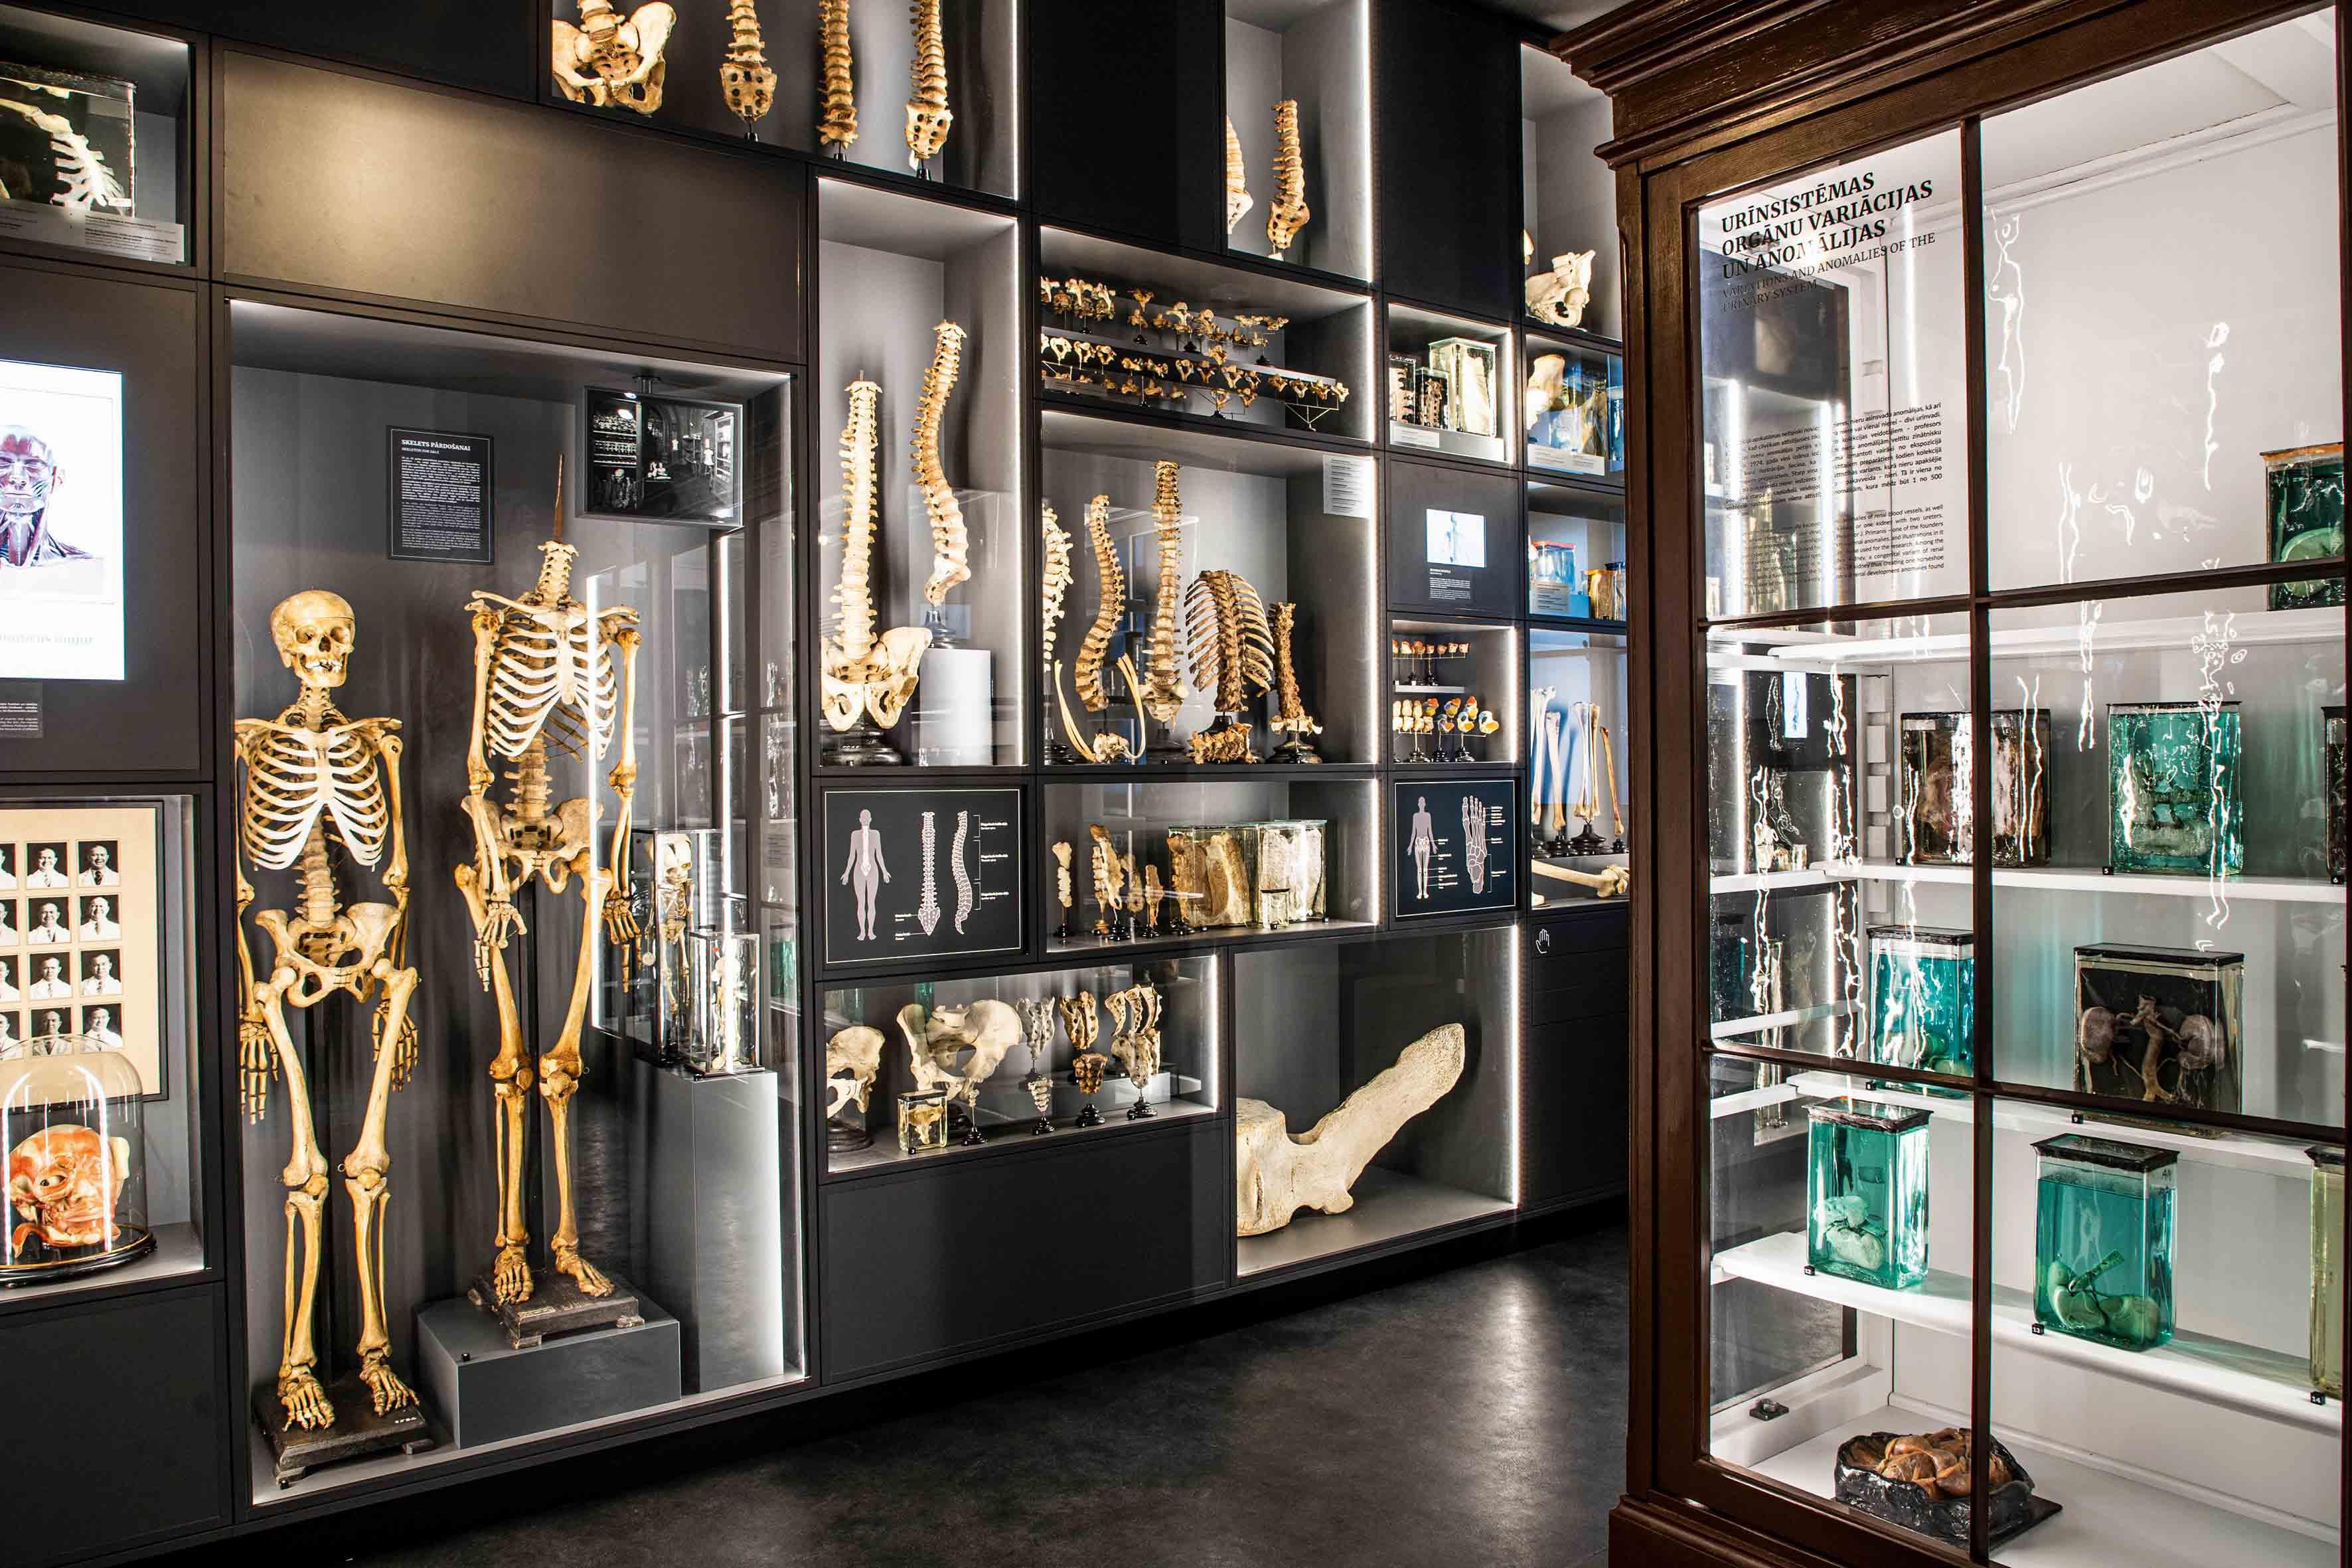 Jaunā Anatomijas muzeja ekspozīcijā saglabātas atsauces uz vēsturisko muzeja iekārtojumu, apvienojot to ar mūsdienīgu multimediālu ietvaru